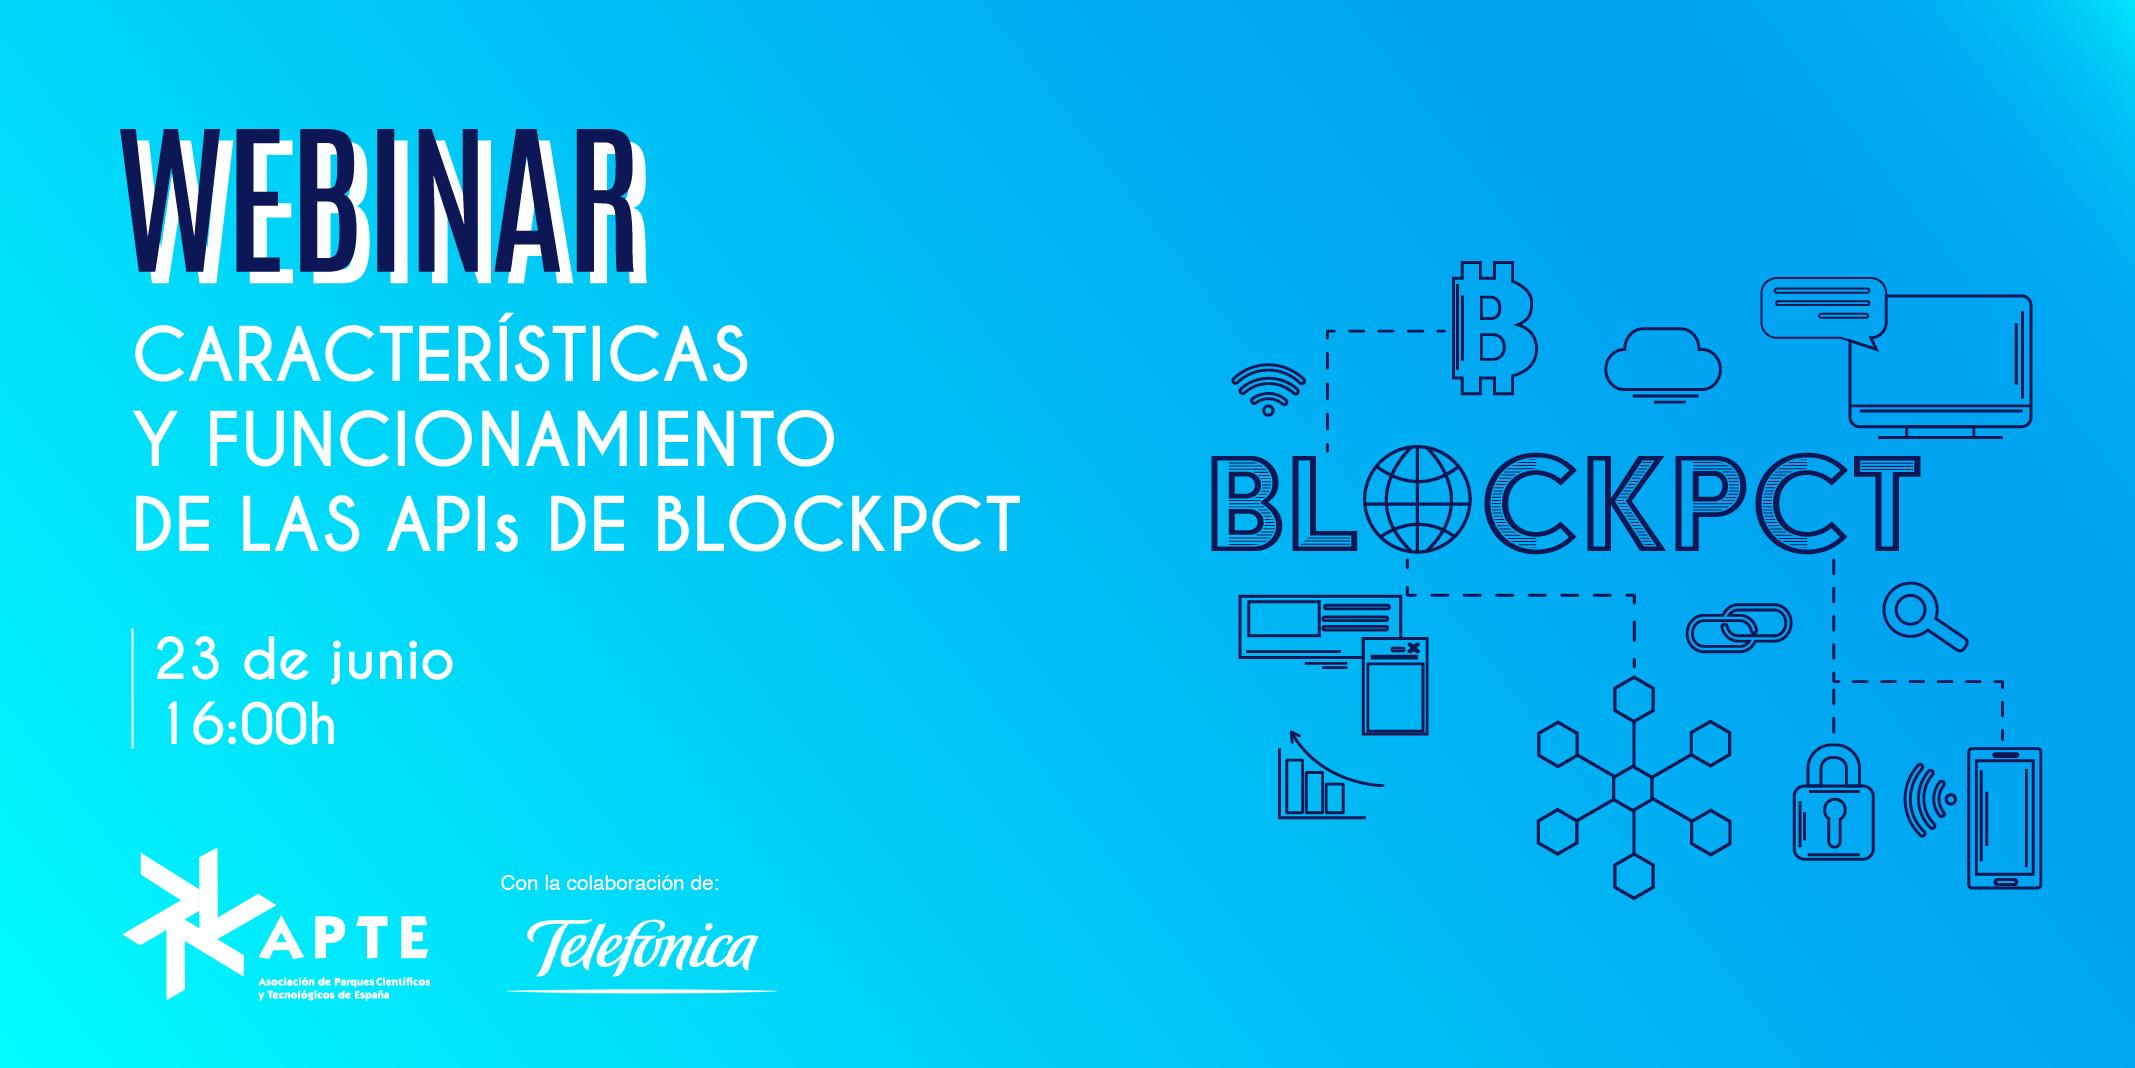 WEBINAR CARACTERÍSTICAS Y FUNCIONAMIENTO RED PRIVADA BLOCKCHAIN DE LOS PCTS ESPAÑOLES: BLOCKPCT